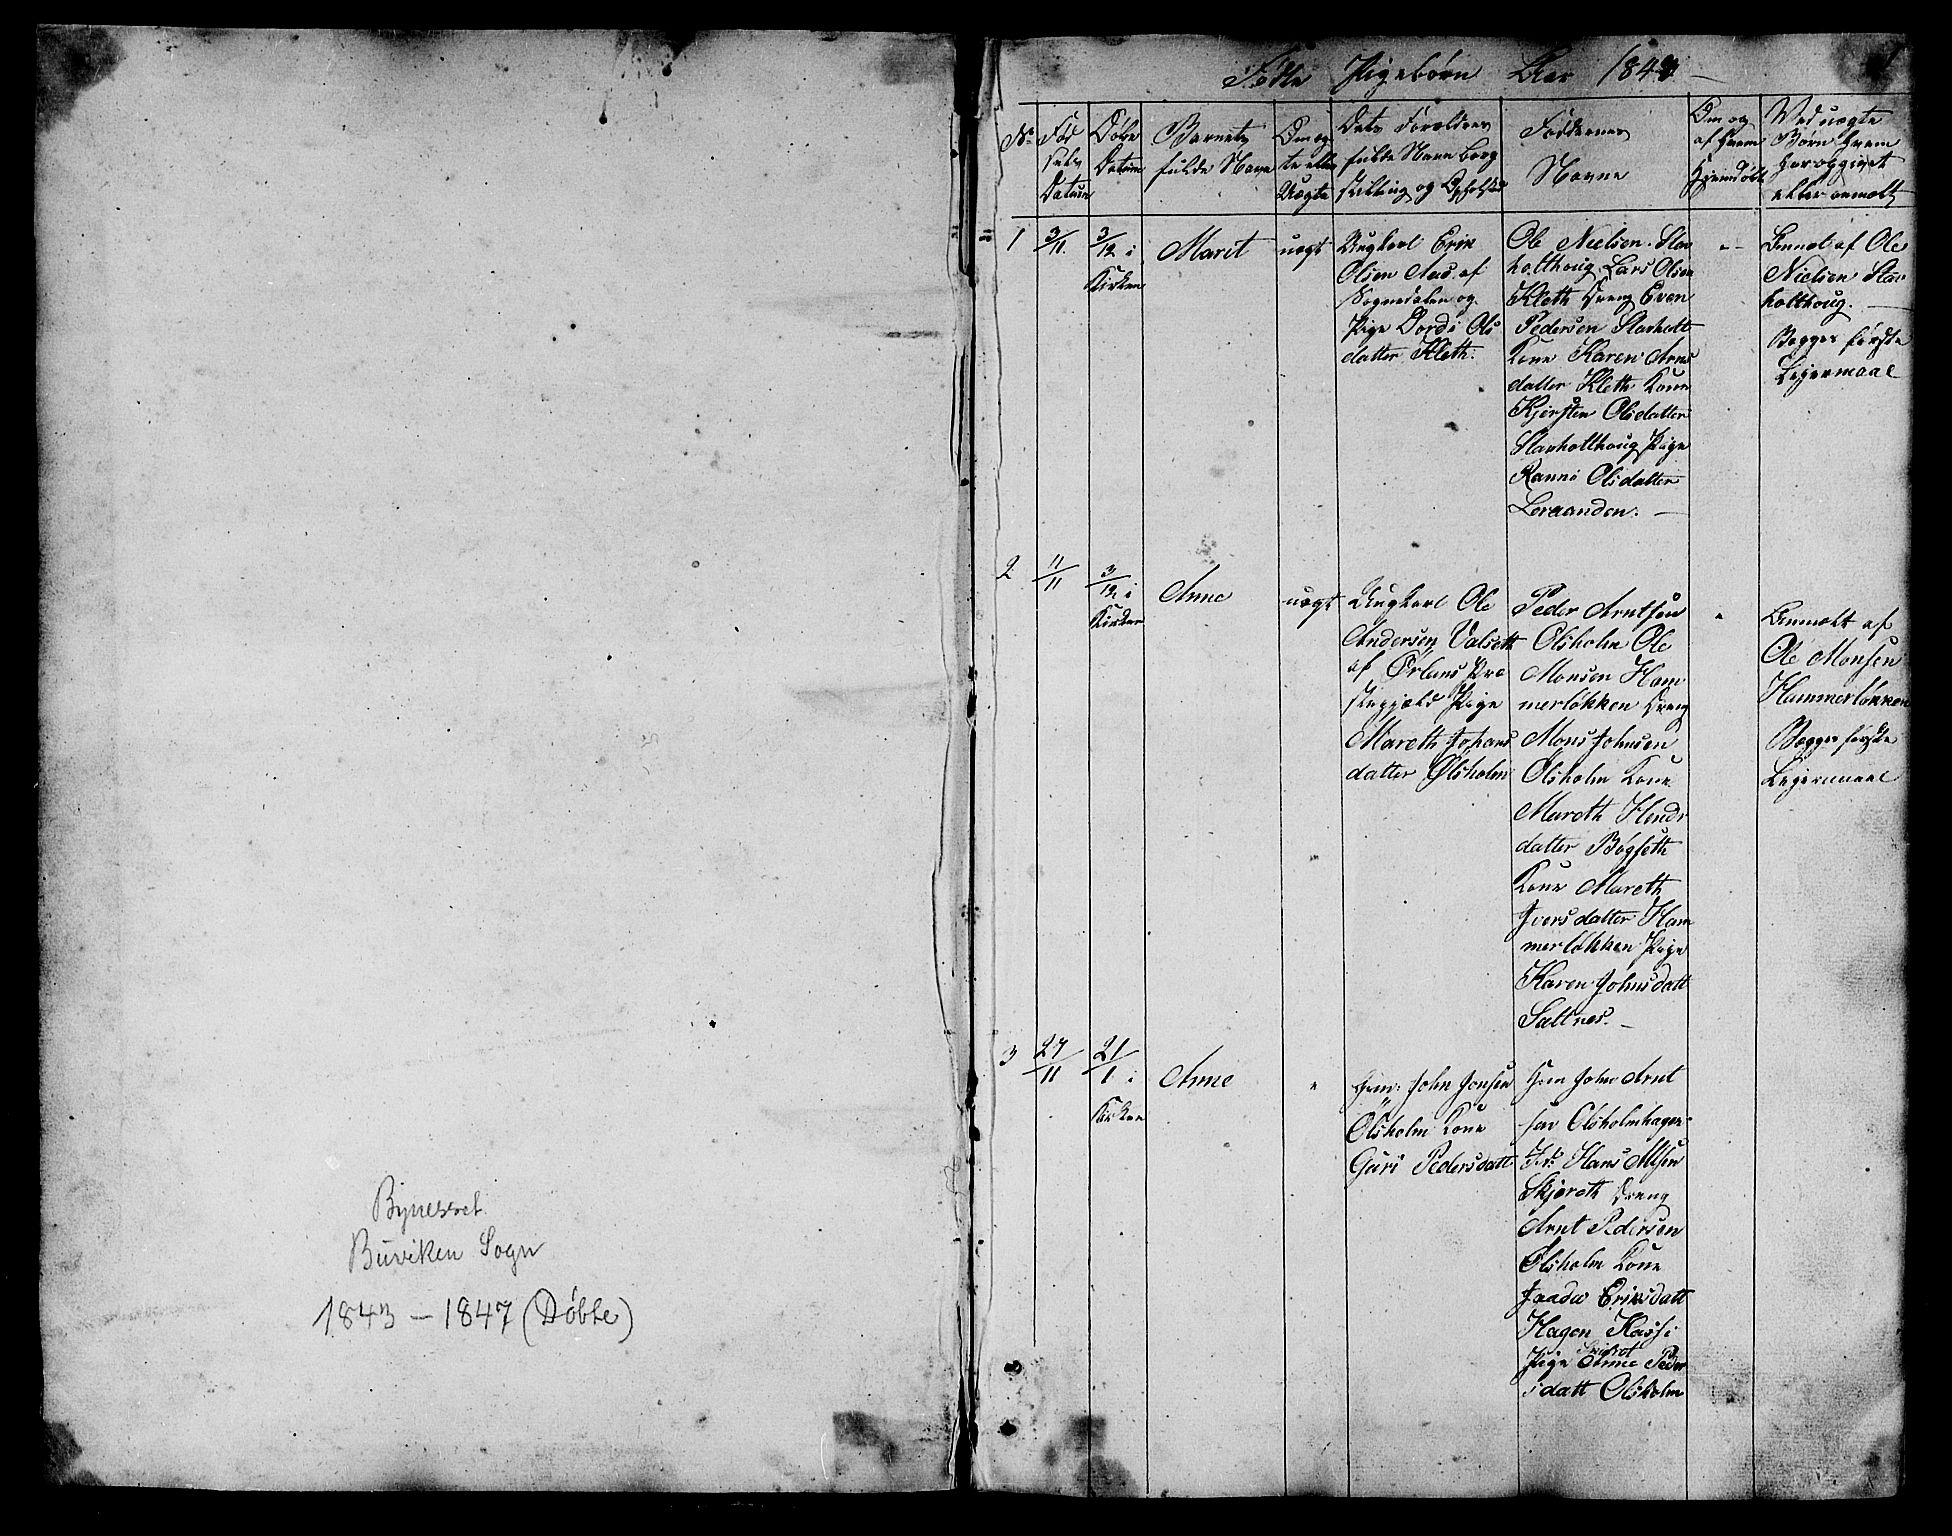 SAT, Ministerialprotokoller, klokkerbøker og fødselsregistre - Sør-Trøndelag, 666/L0789: Klokkerbok nr. 666C02, 1843-1847, s. 1